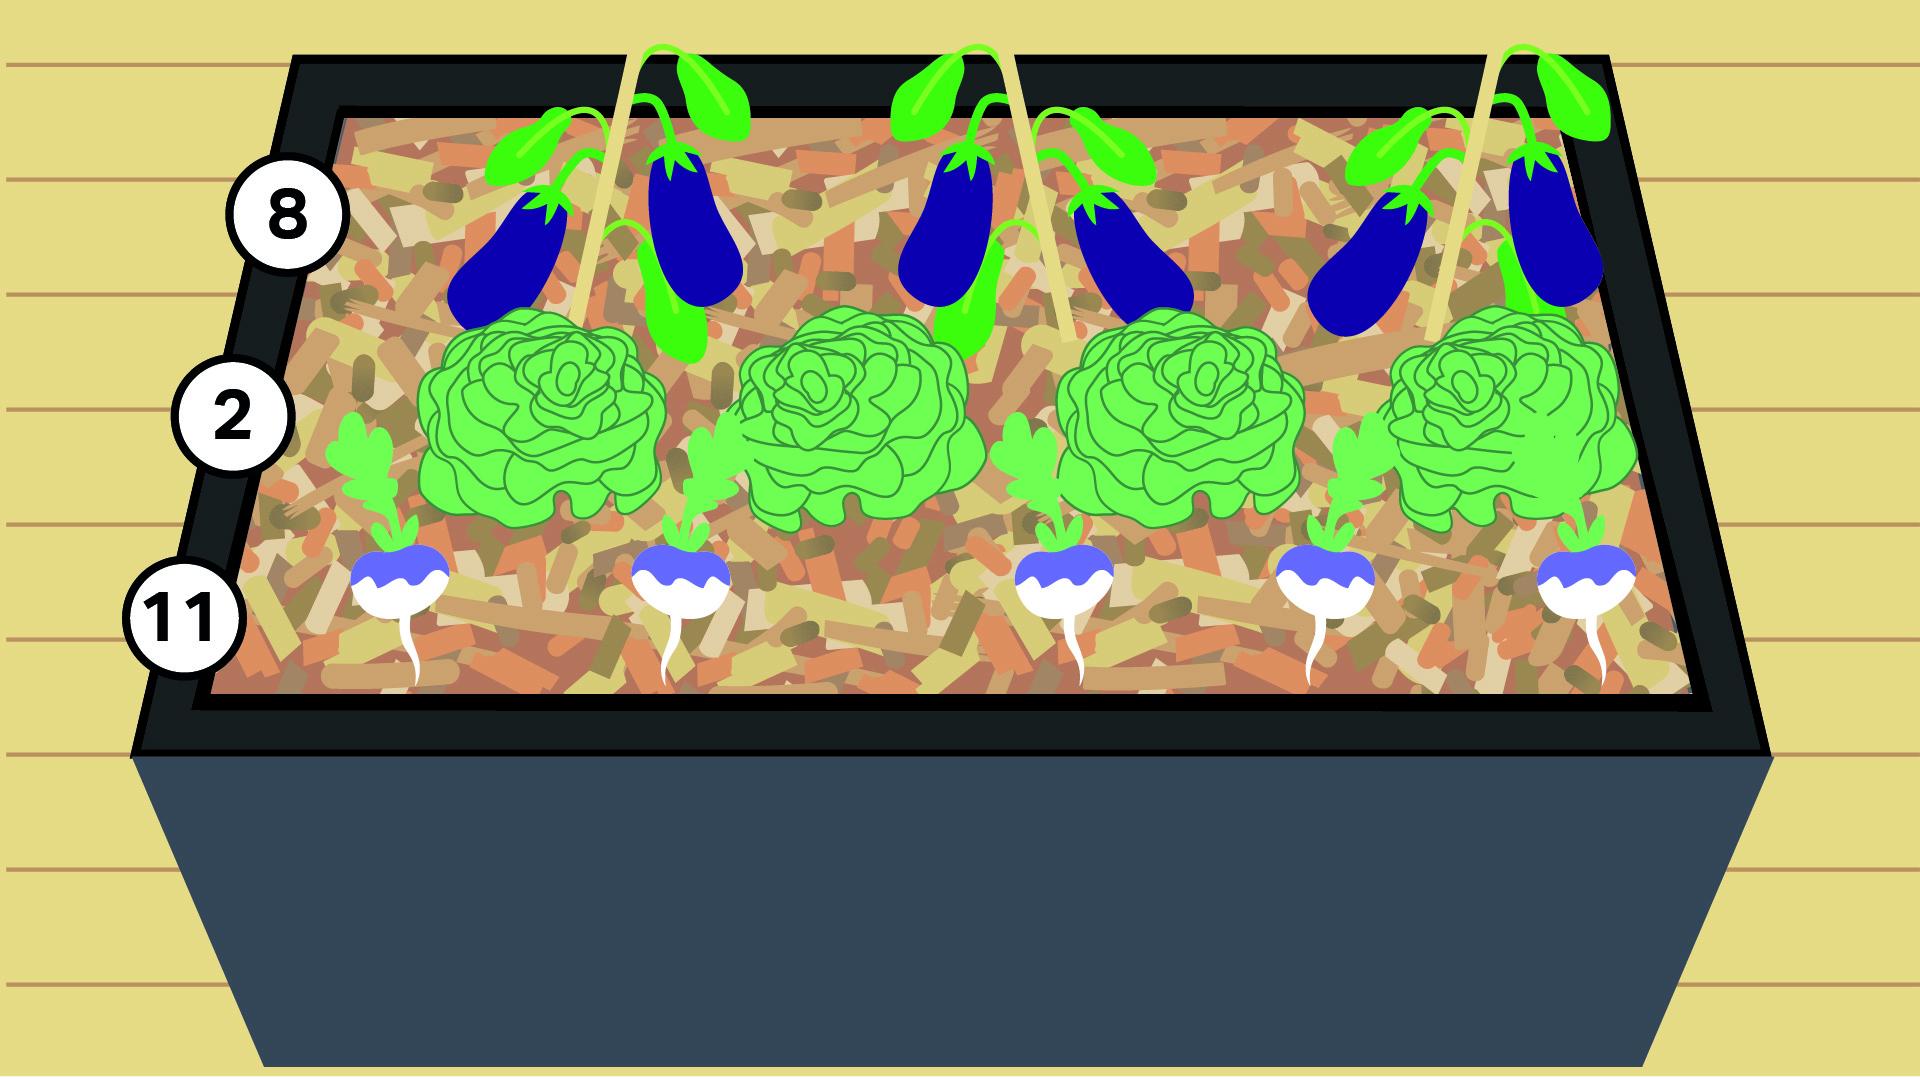 8 - Aubergine 2 - Laitue 11- Navet (panais ou radis noirs possibles)